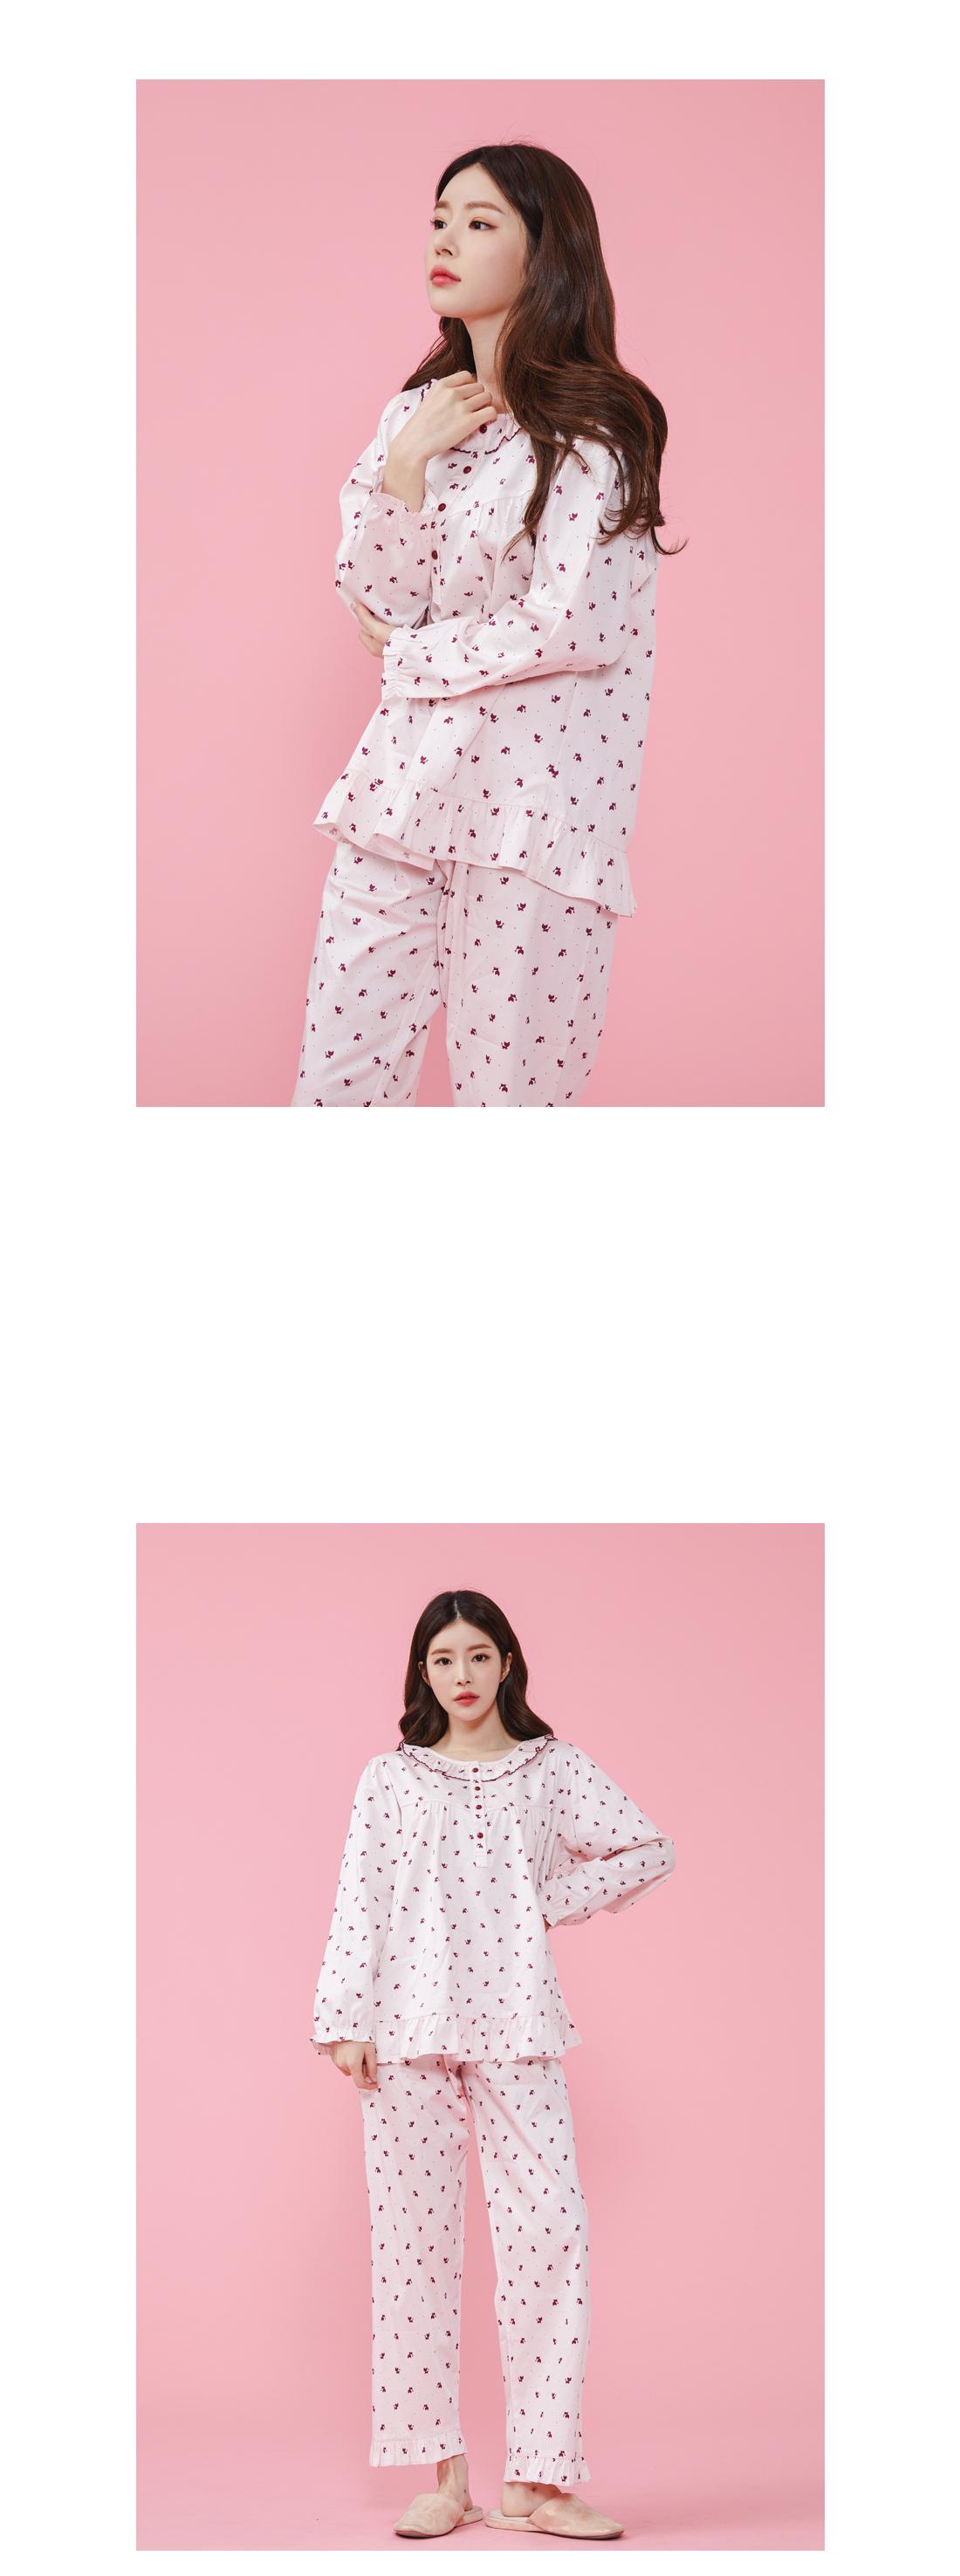 여우 면 스판 여자잠옷 파자마세트 - 바이메이비, 48,000원, 잠옷, 여성파자마